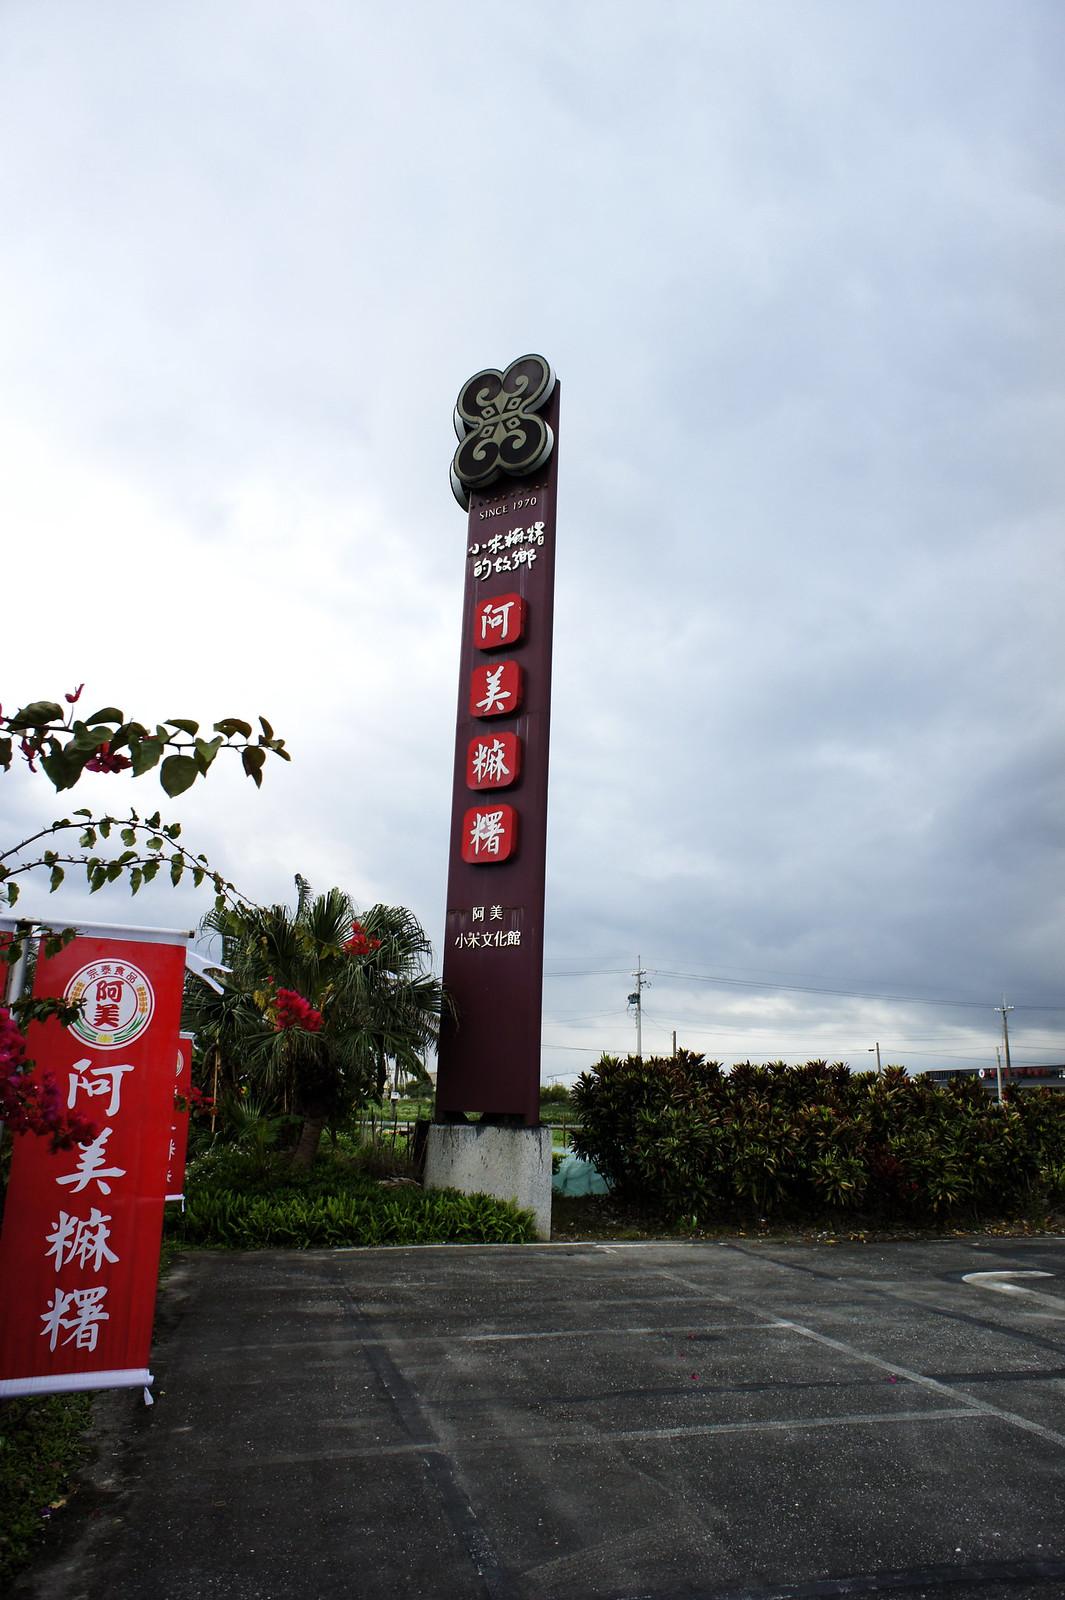 吉安鄉阿美小米文化館 (1)